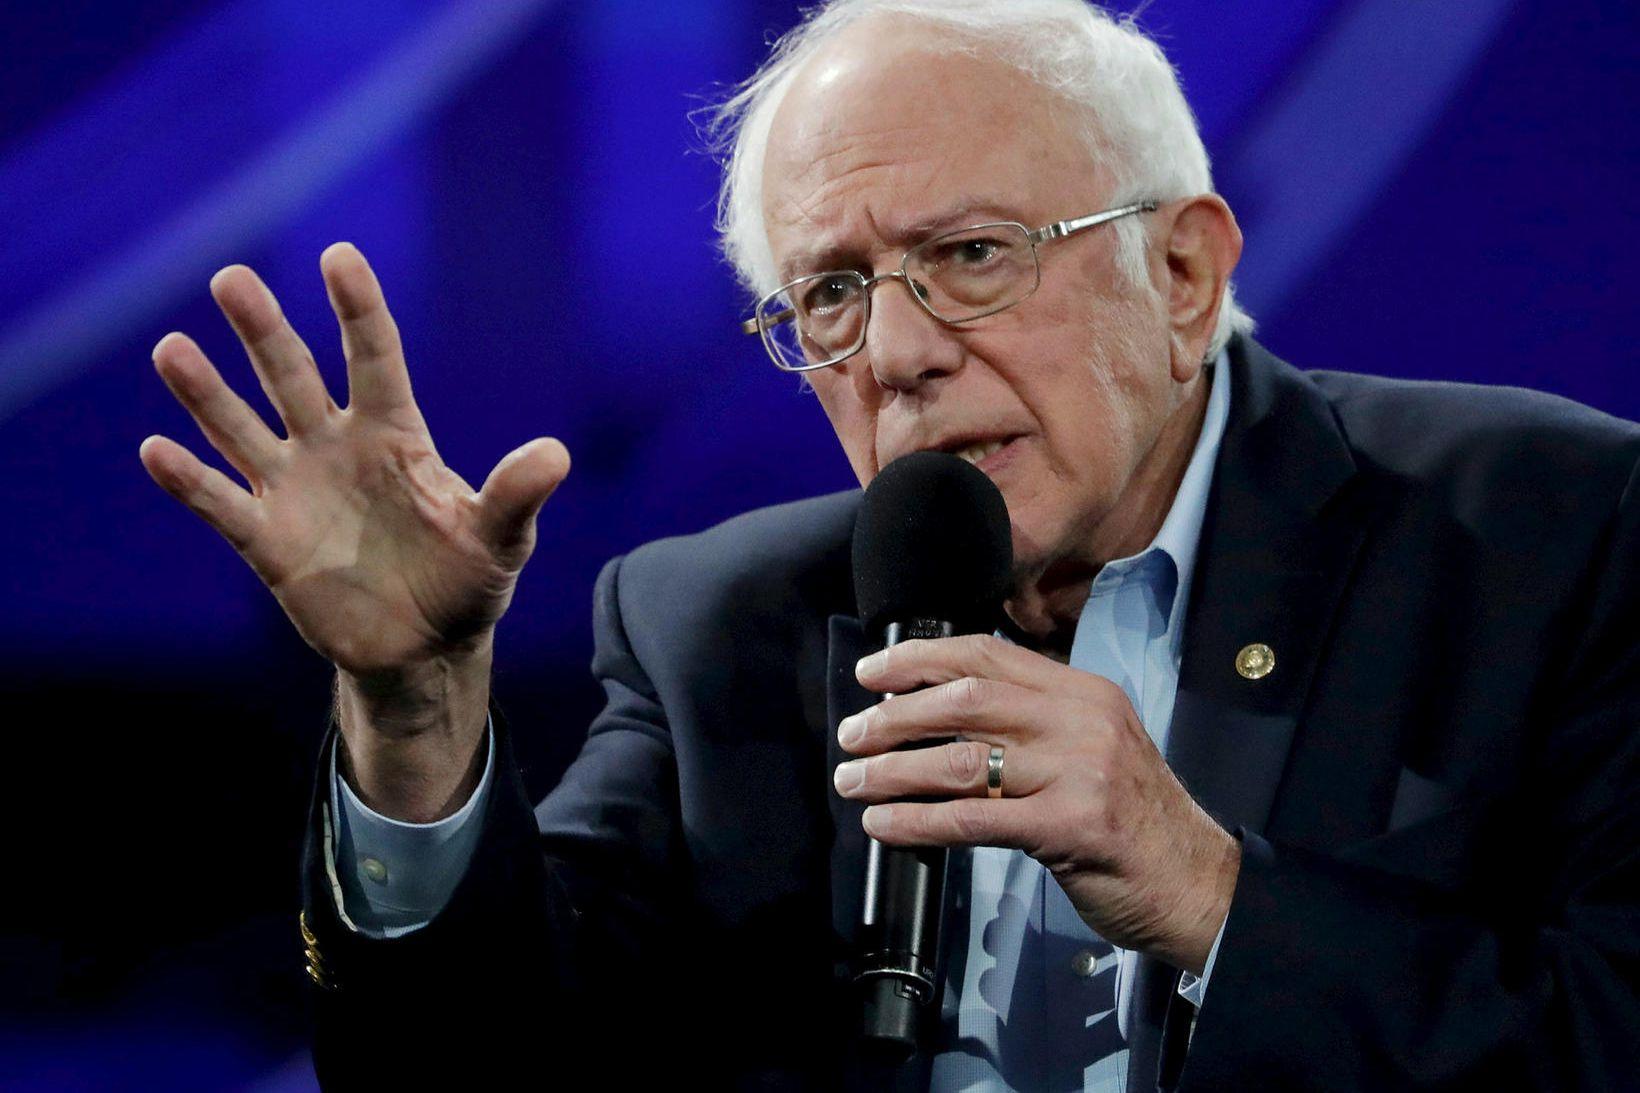 Forsetaframbjóðandinn Bernie Sanders segir kröfuna um hækkun lágmarkslauna ekki fela …